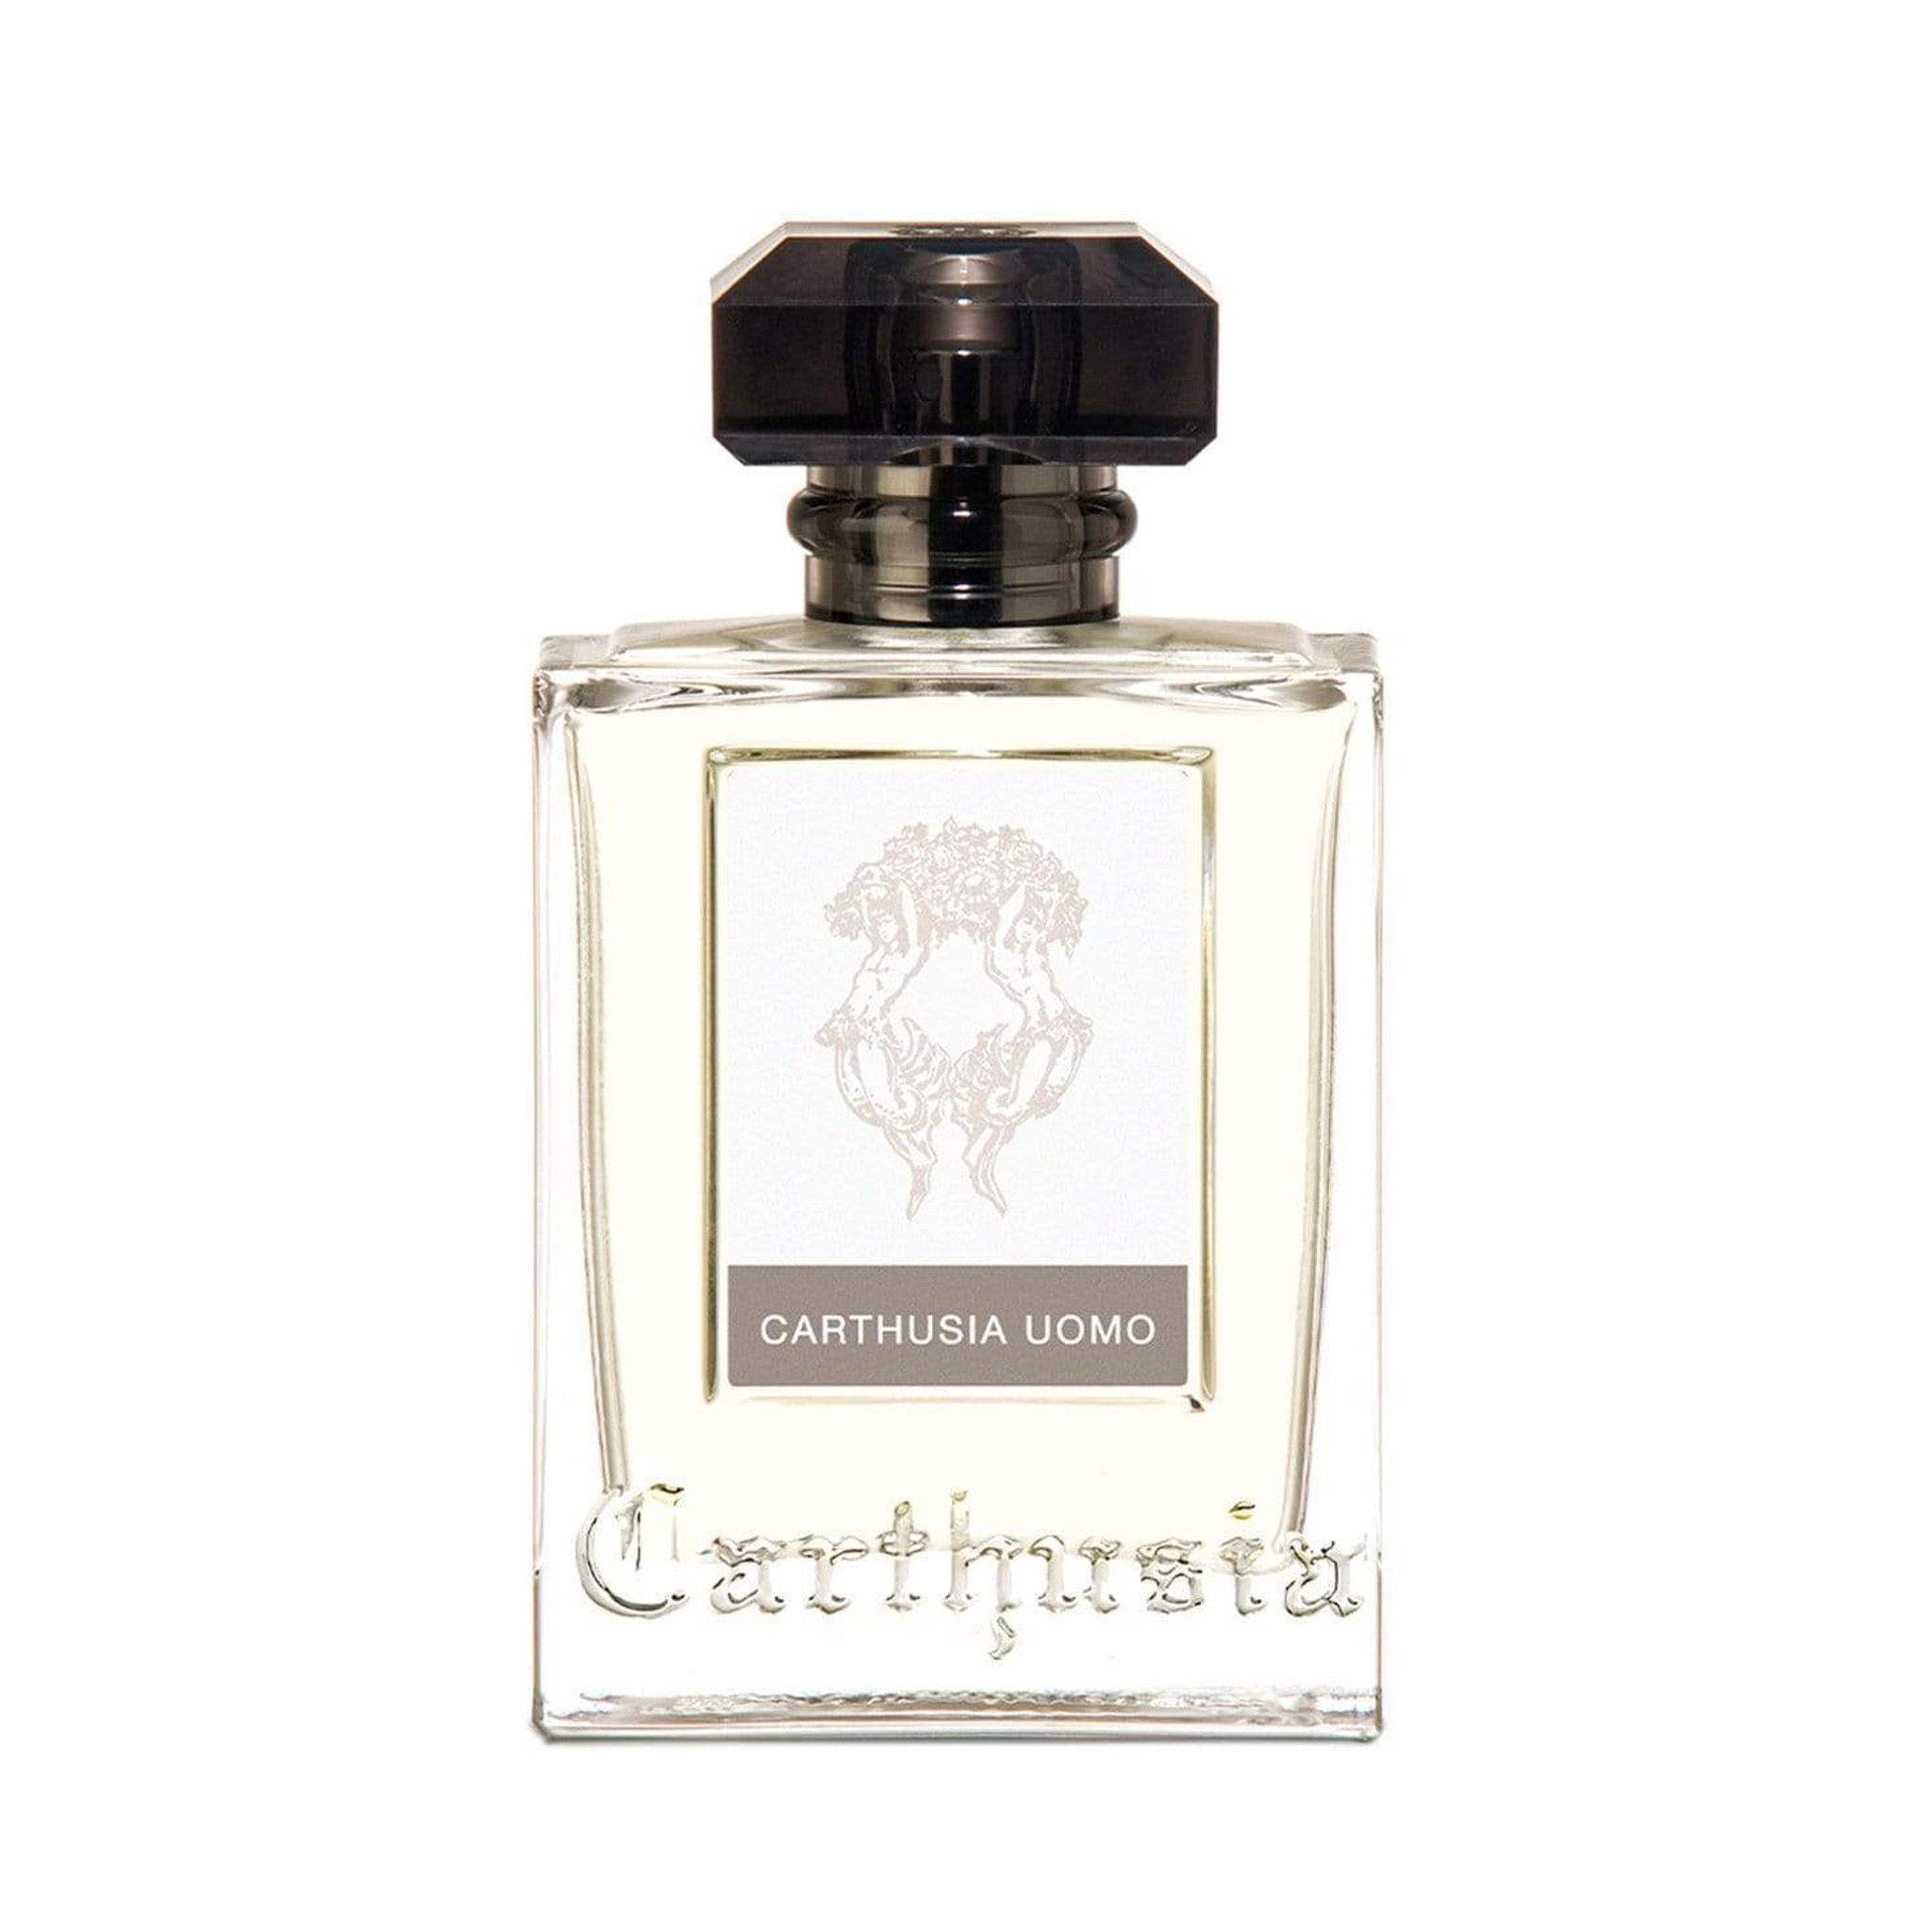 Carthusia - Uomo Eau de Parfume 50ml